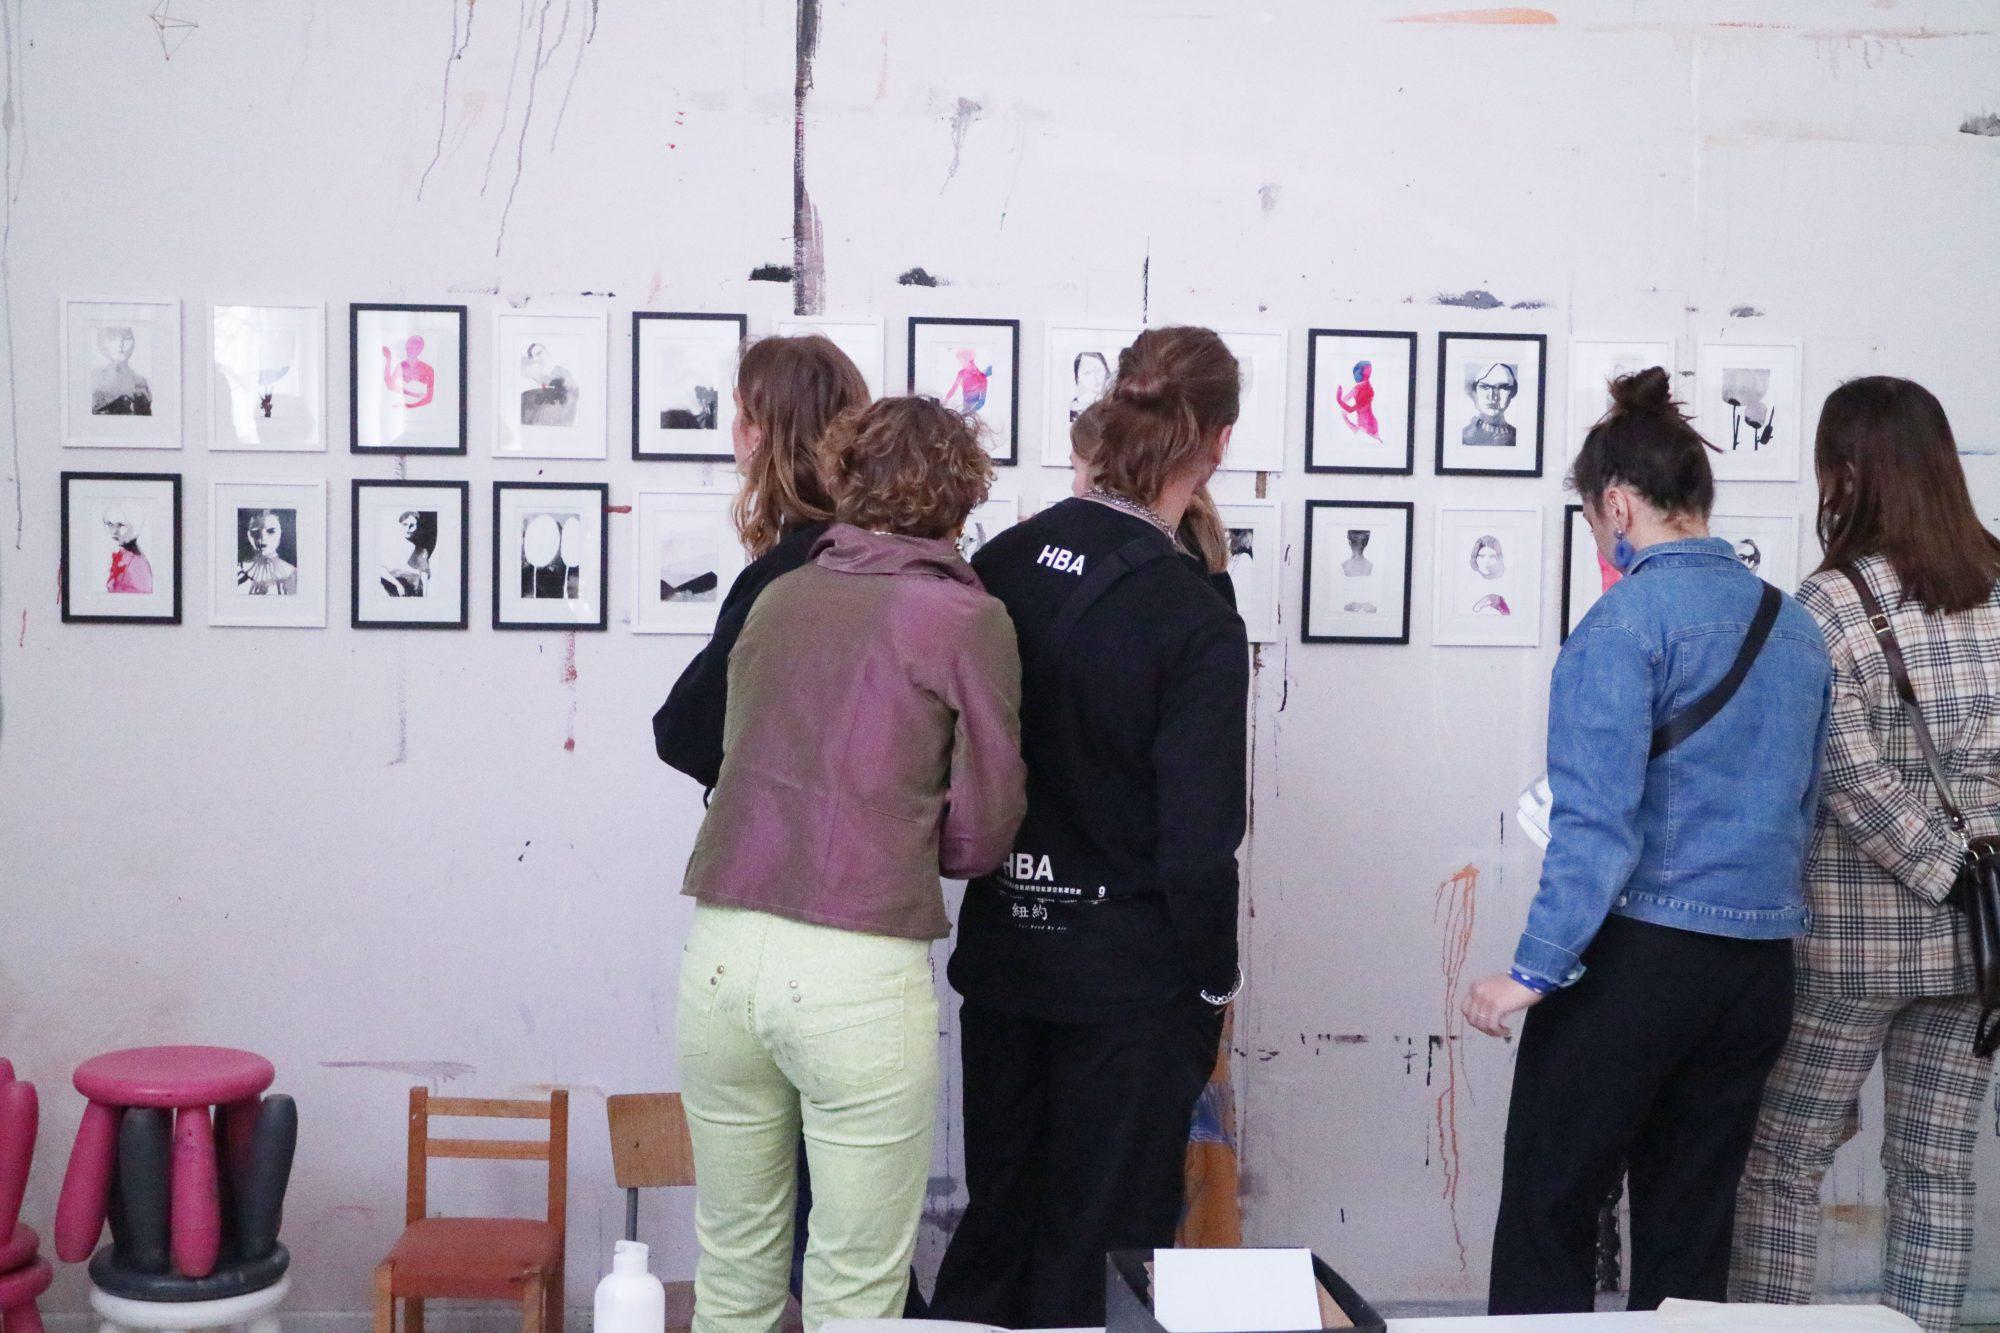 Fra studio visit hos illustrator og kunstner Tina Berning - studieturen F2019